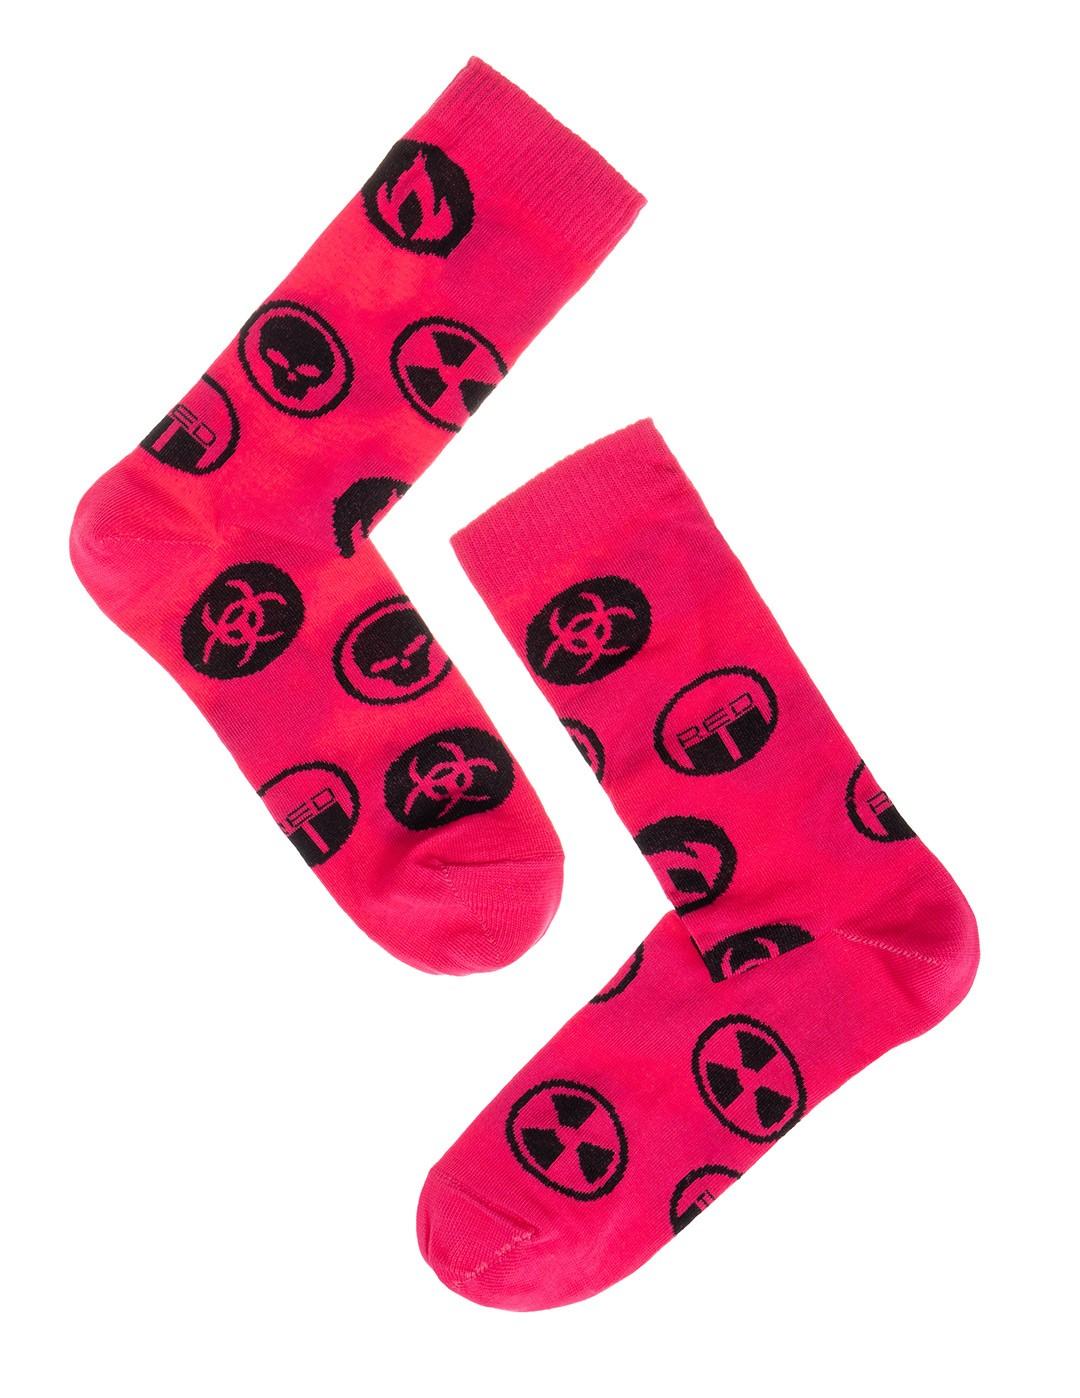 DOUBLE FUN Socks Biohazard Pink